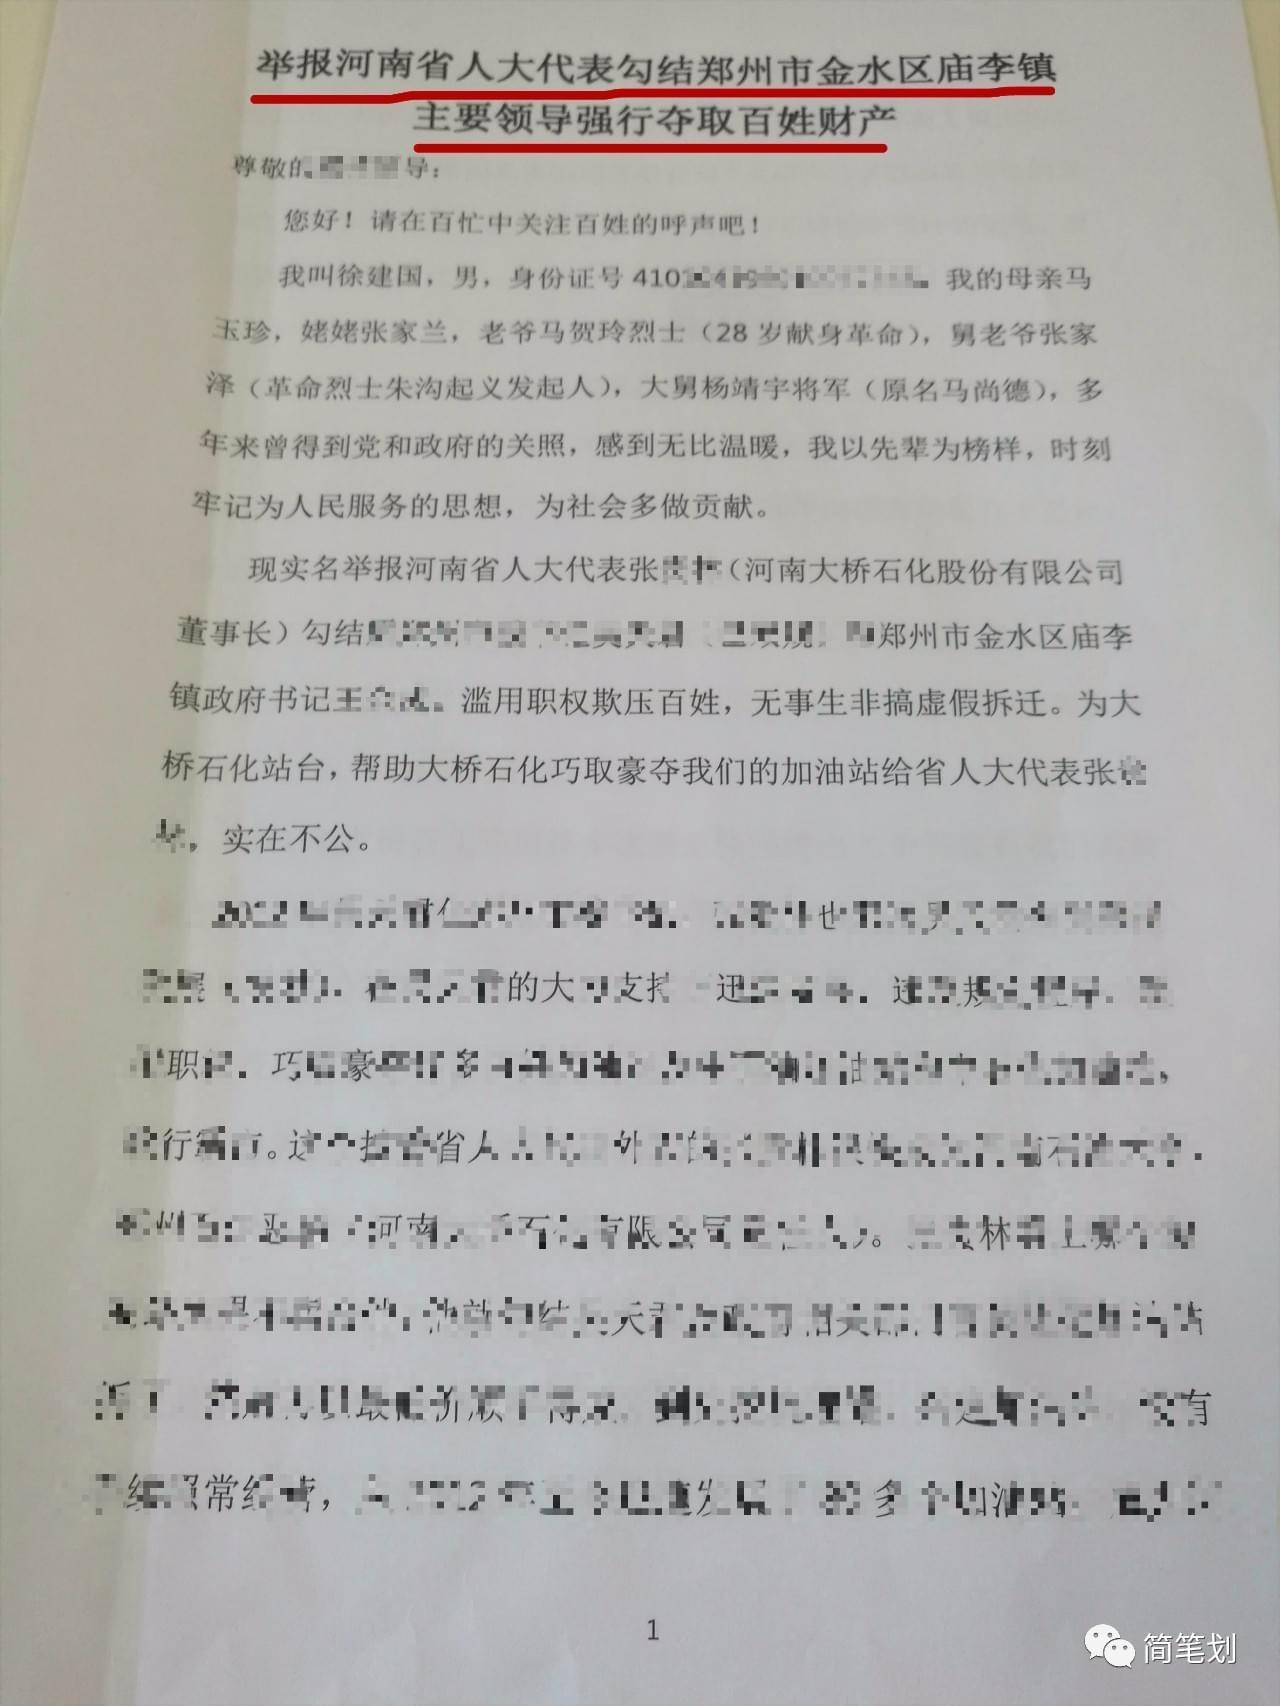 镇政府书记斥烈士后人:都哪个年代了还讲杨靖宇